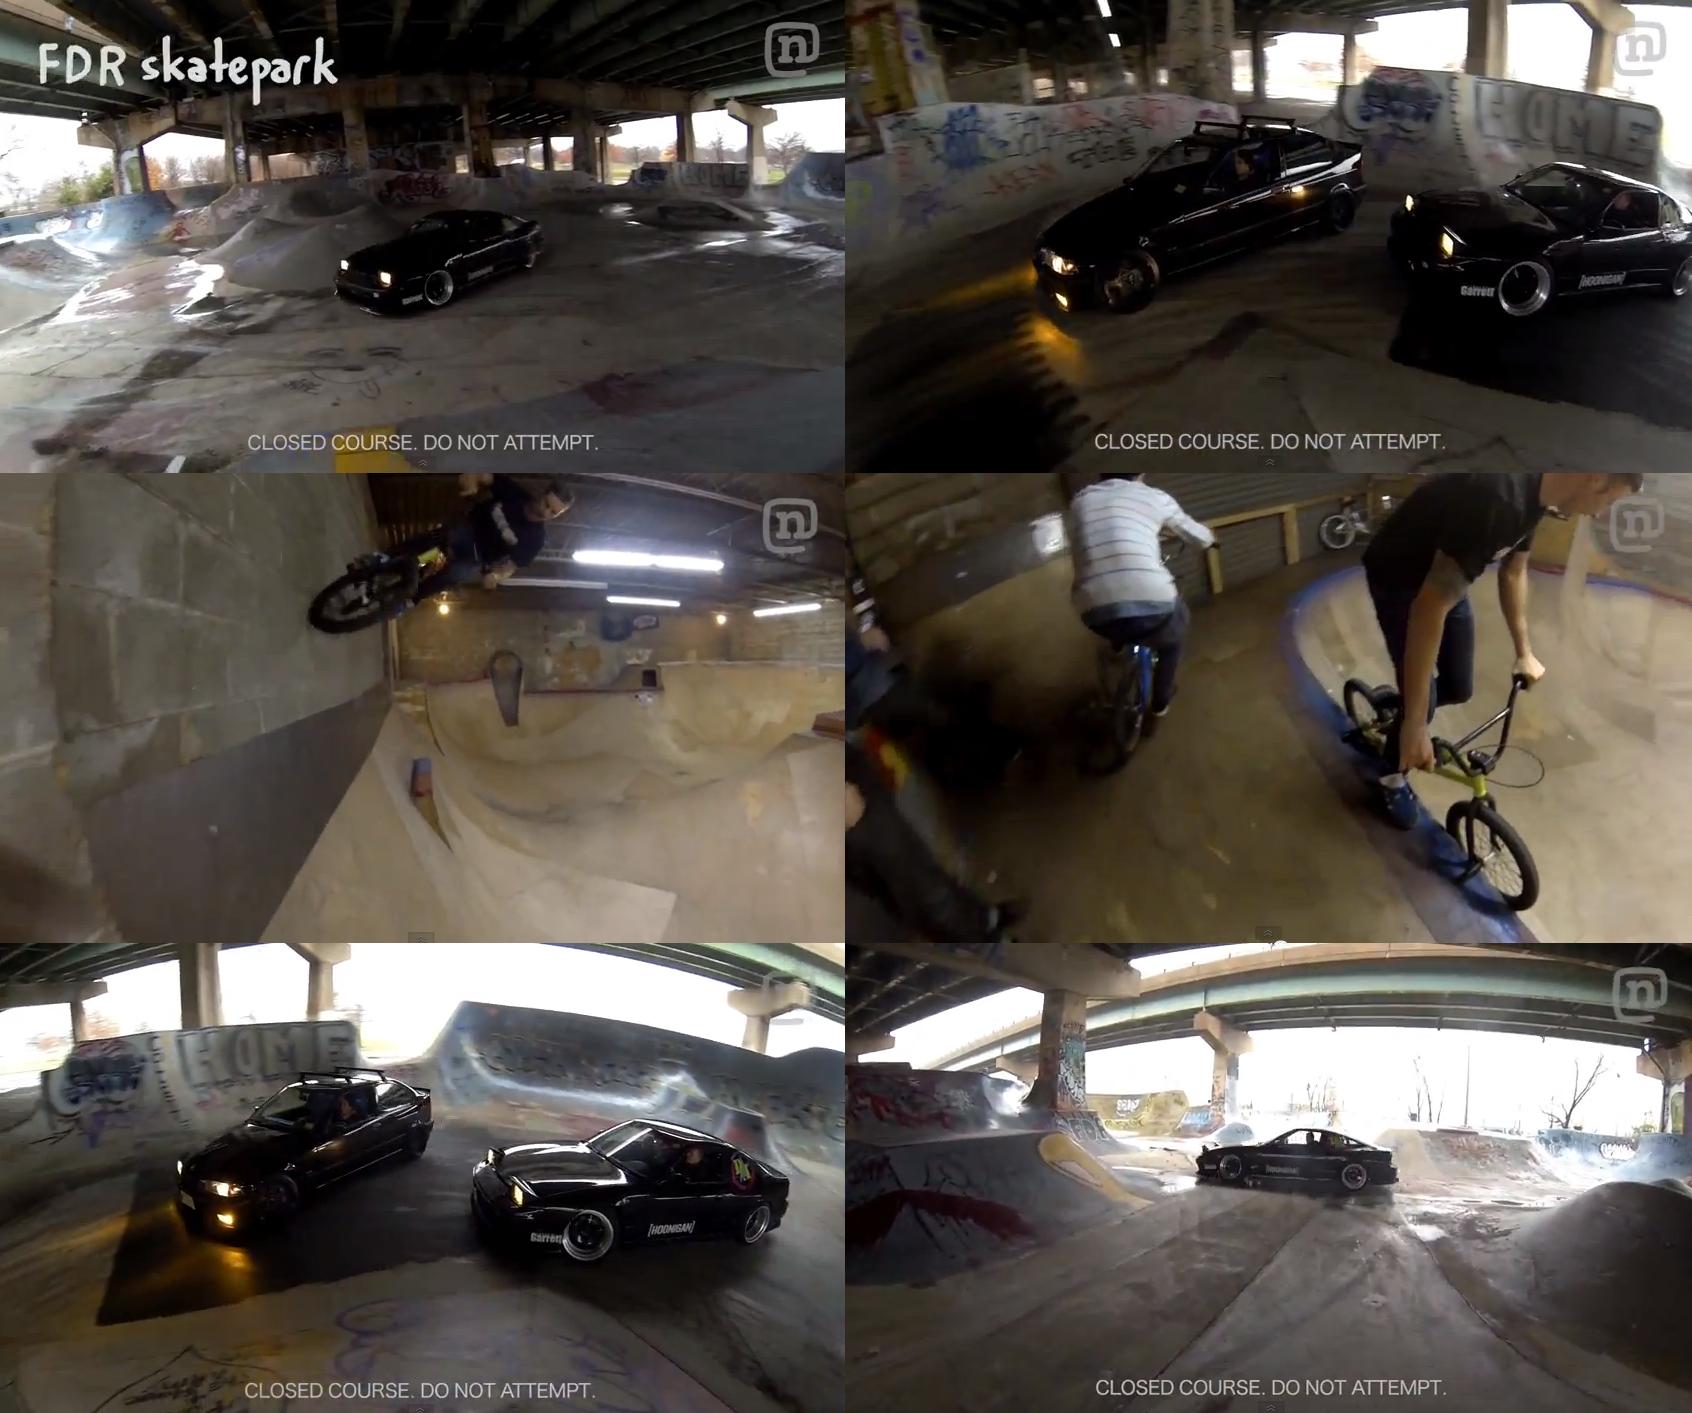 drifting at fdr? bikes at the warehouse?